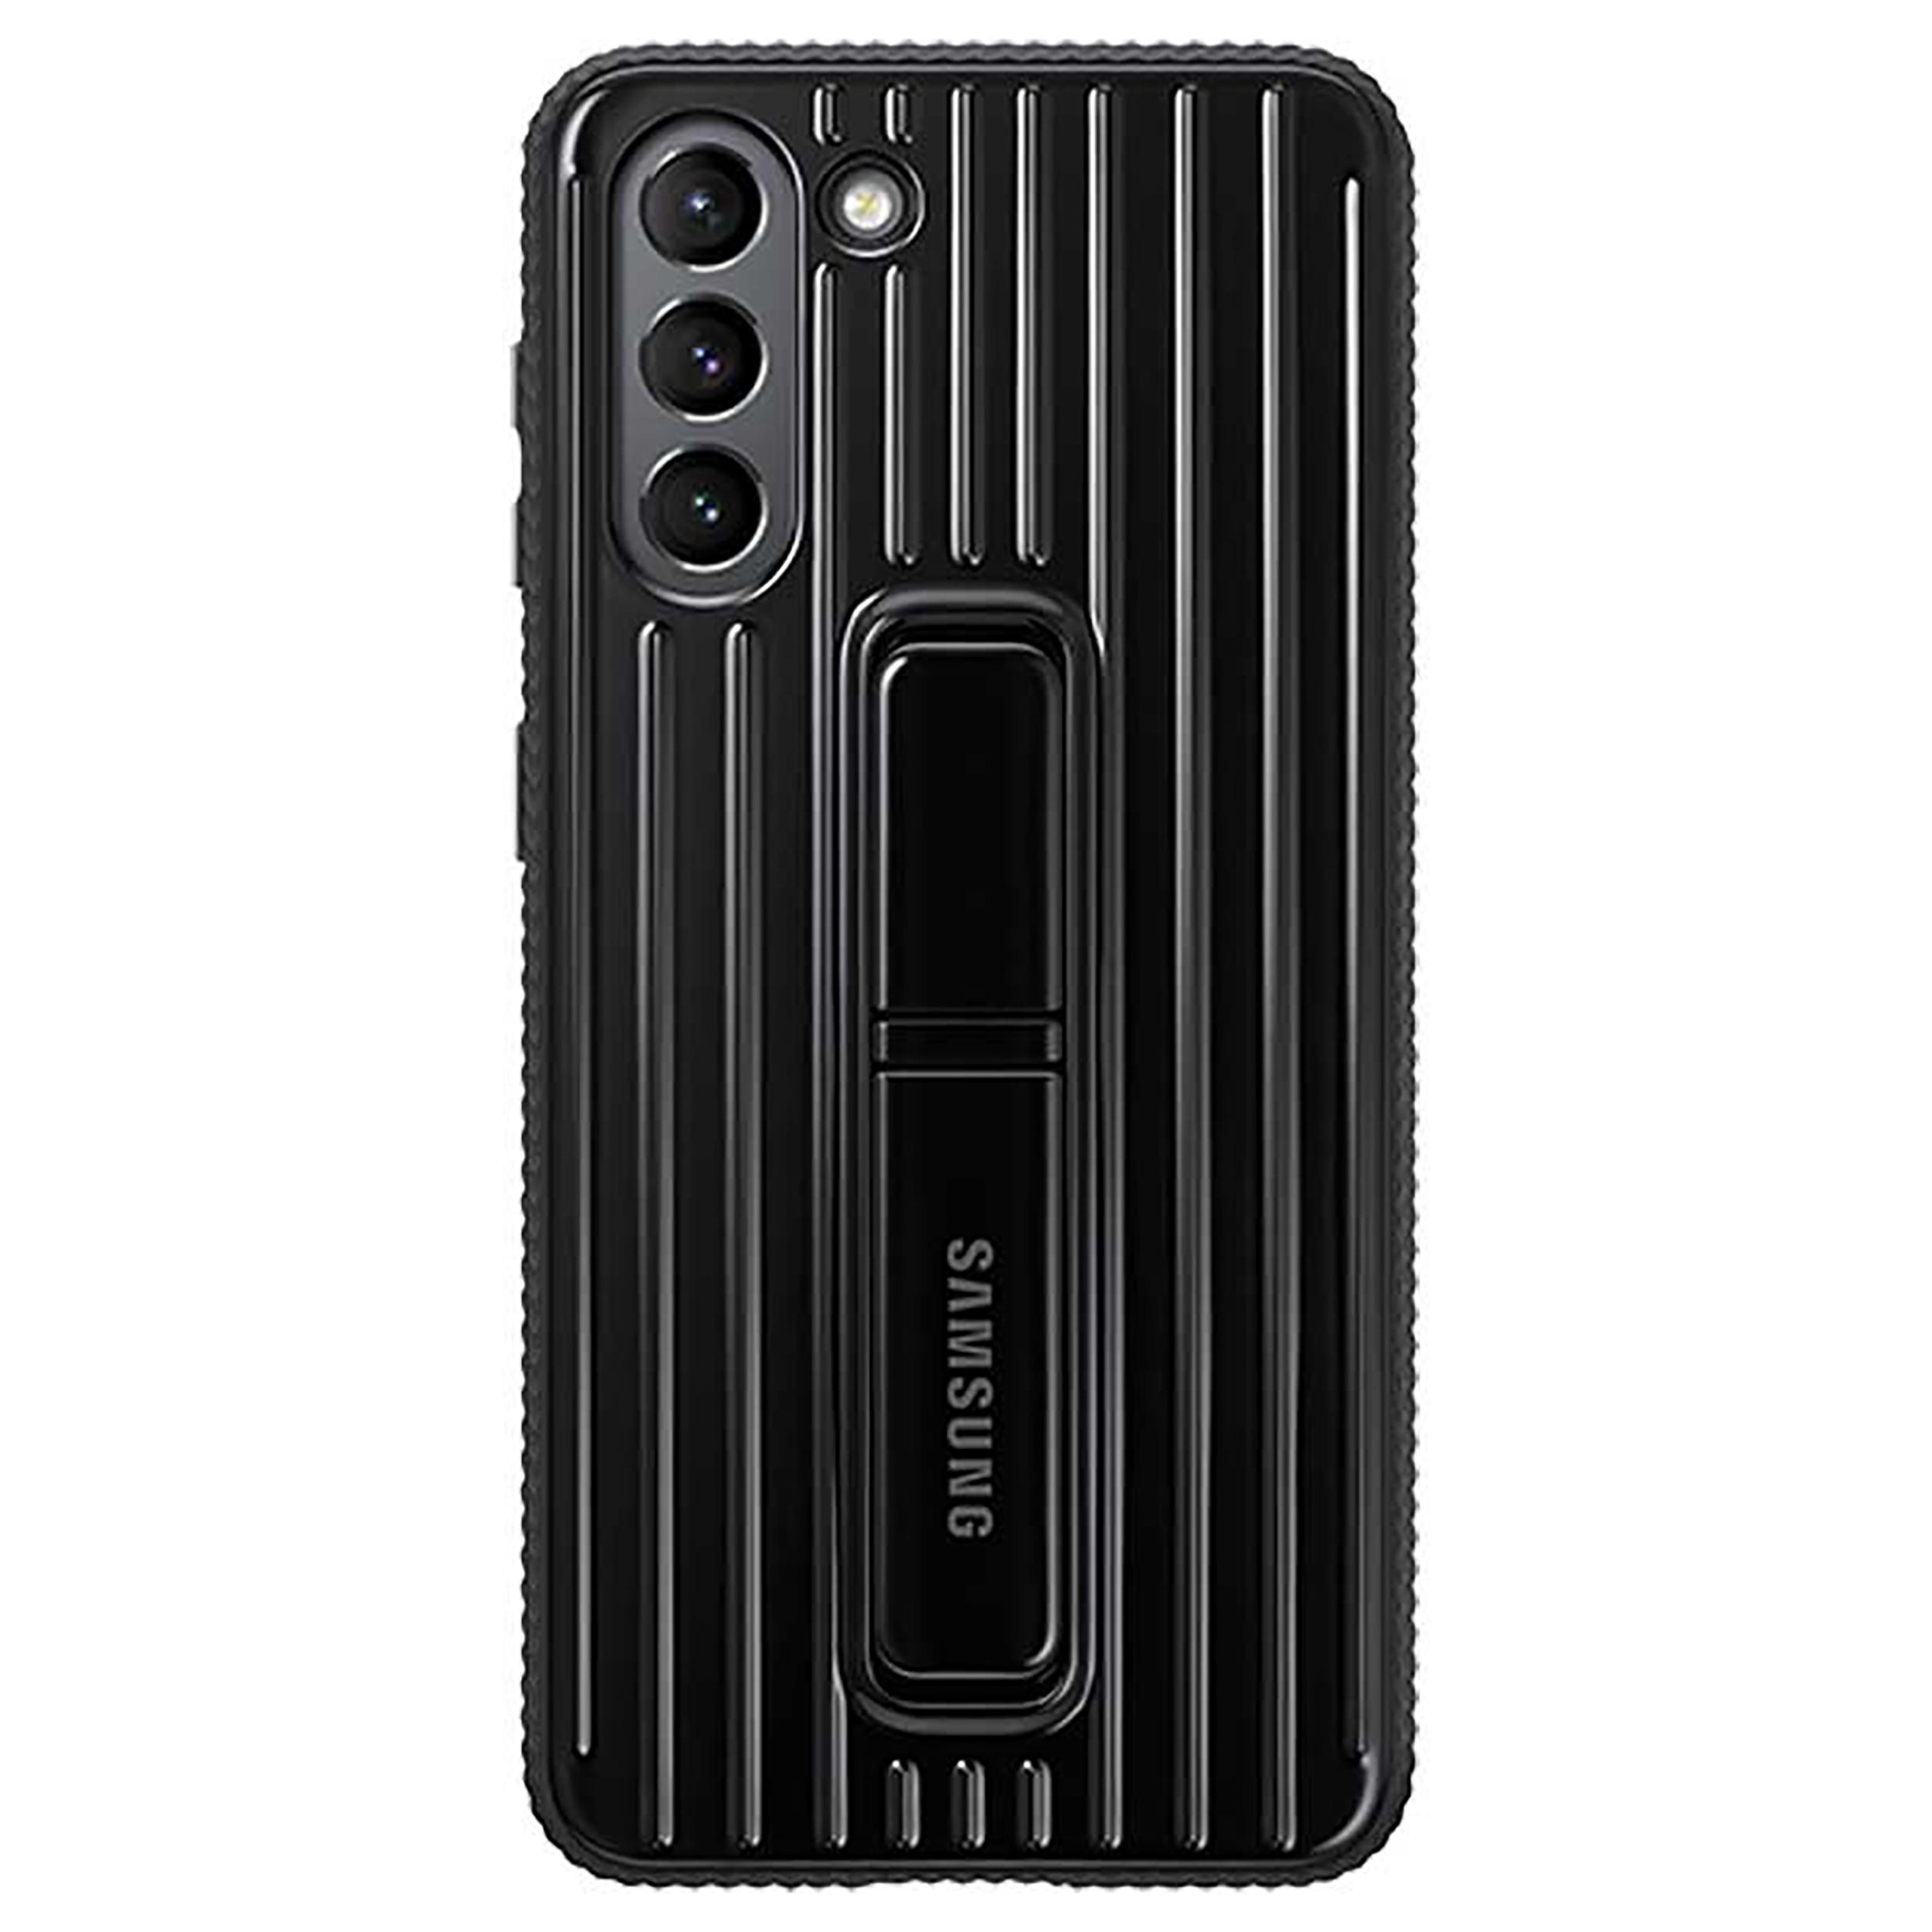 بررسی و {خرید با تخفیف} کاور سامسونگ مدل Protective Standing مناسب برای گوشی موبایل سامسونگ Galaxy S21 Plus اصل